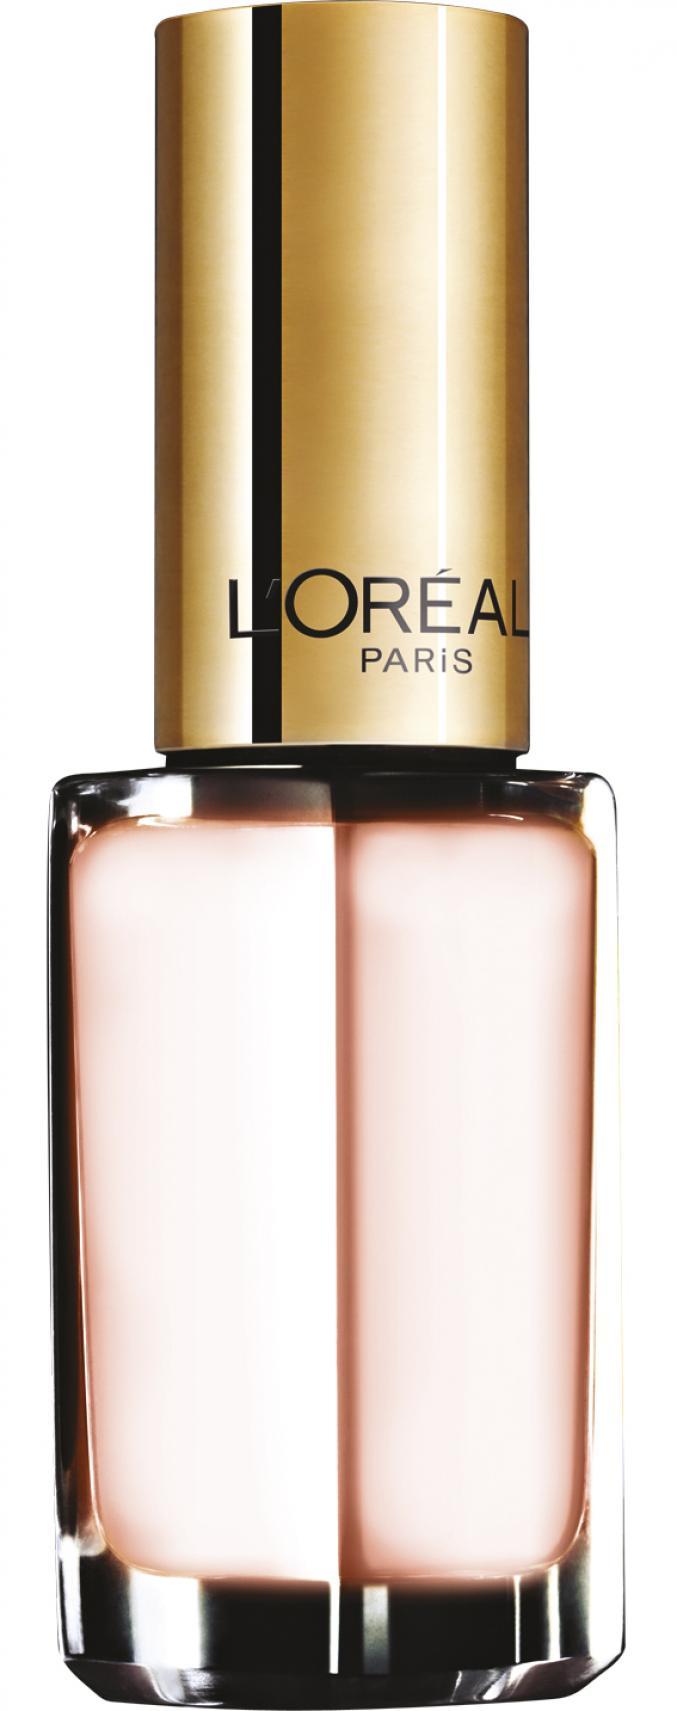 Les Blancs (L'Oréal Paris)